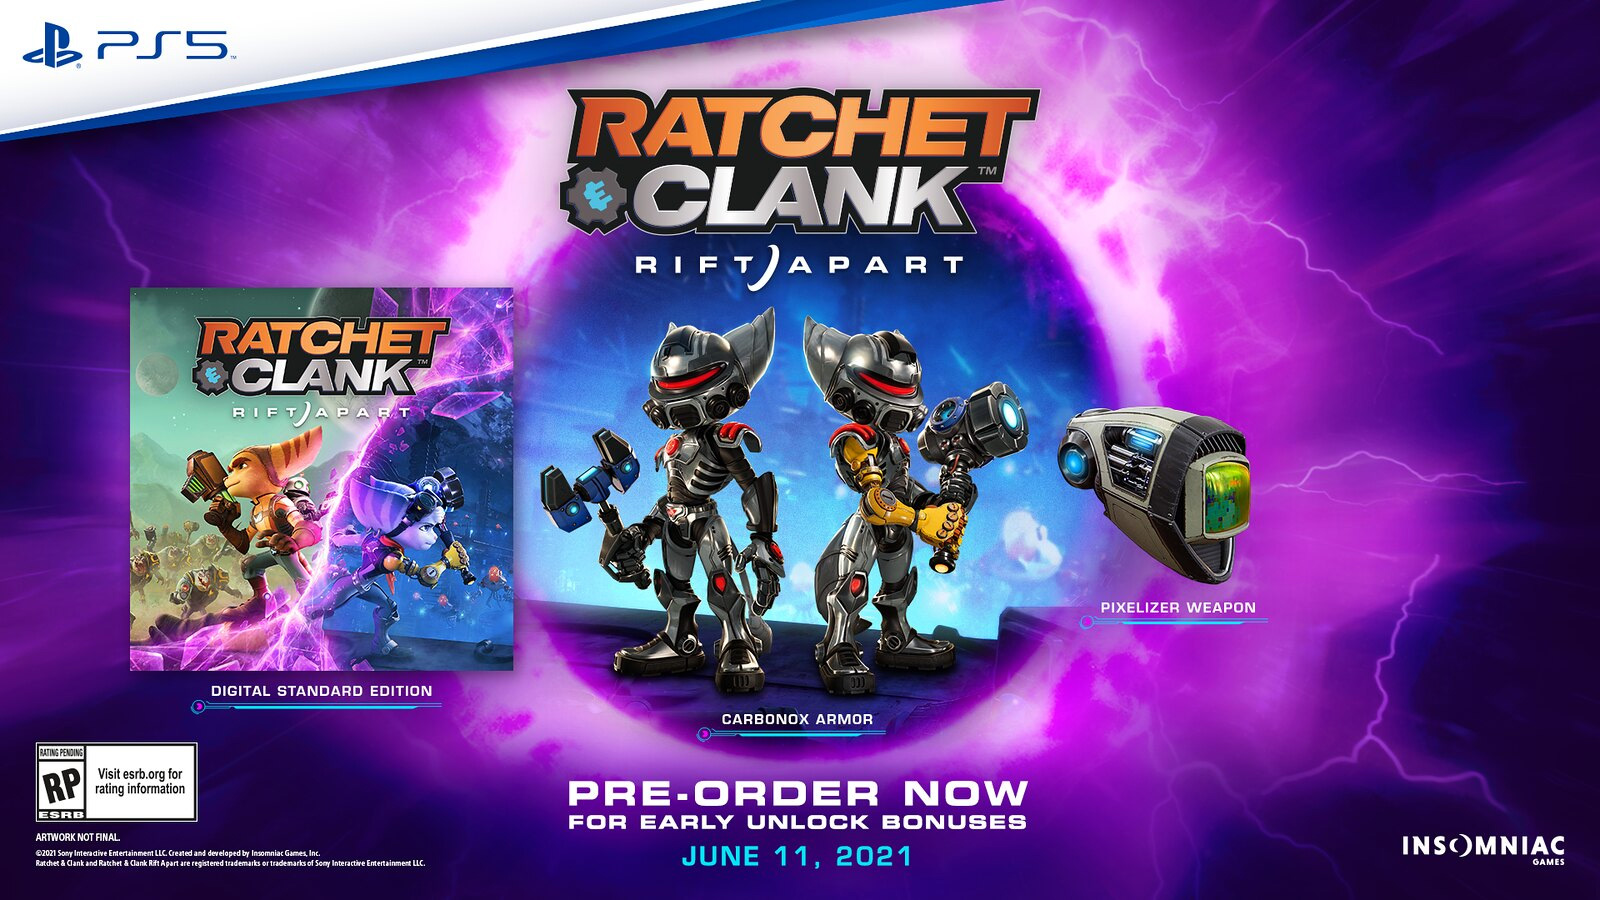 The pre-order bonuses for Ratchet & Clank: Rift Apart